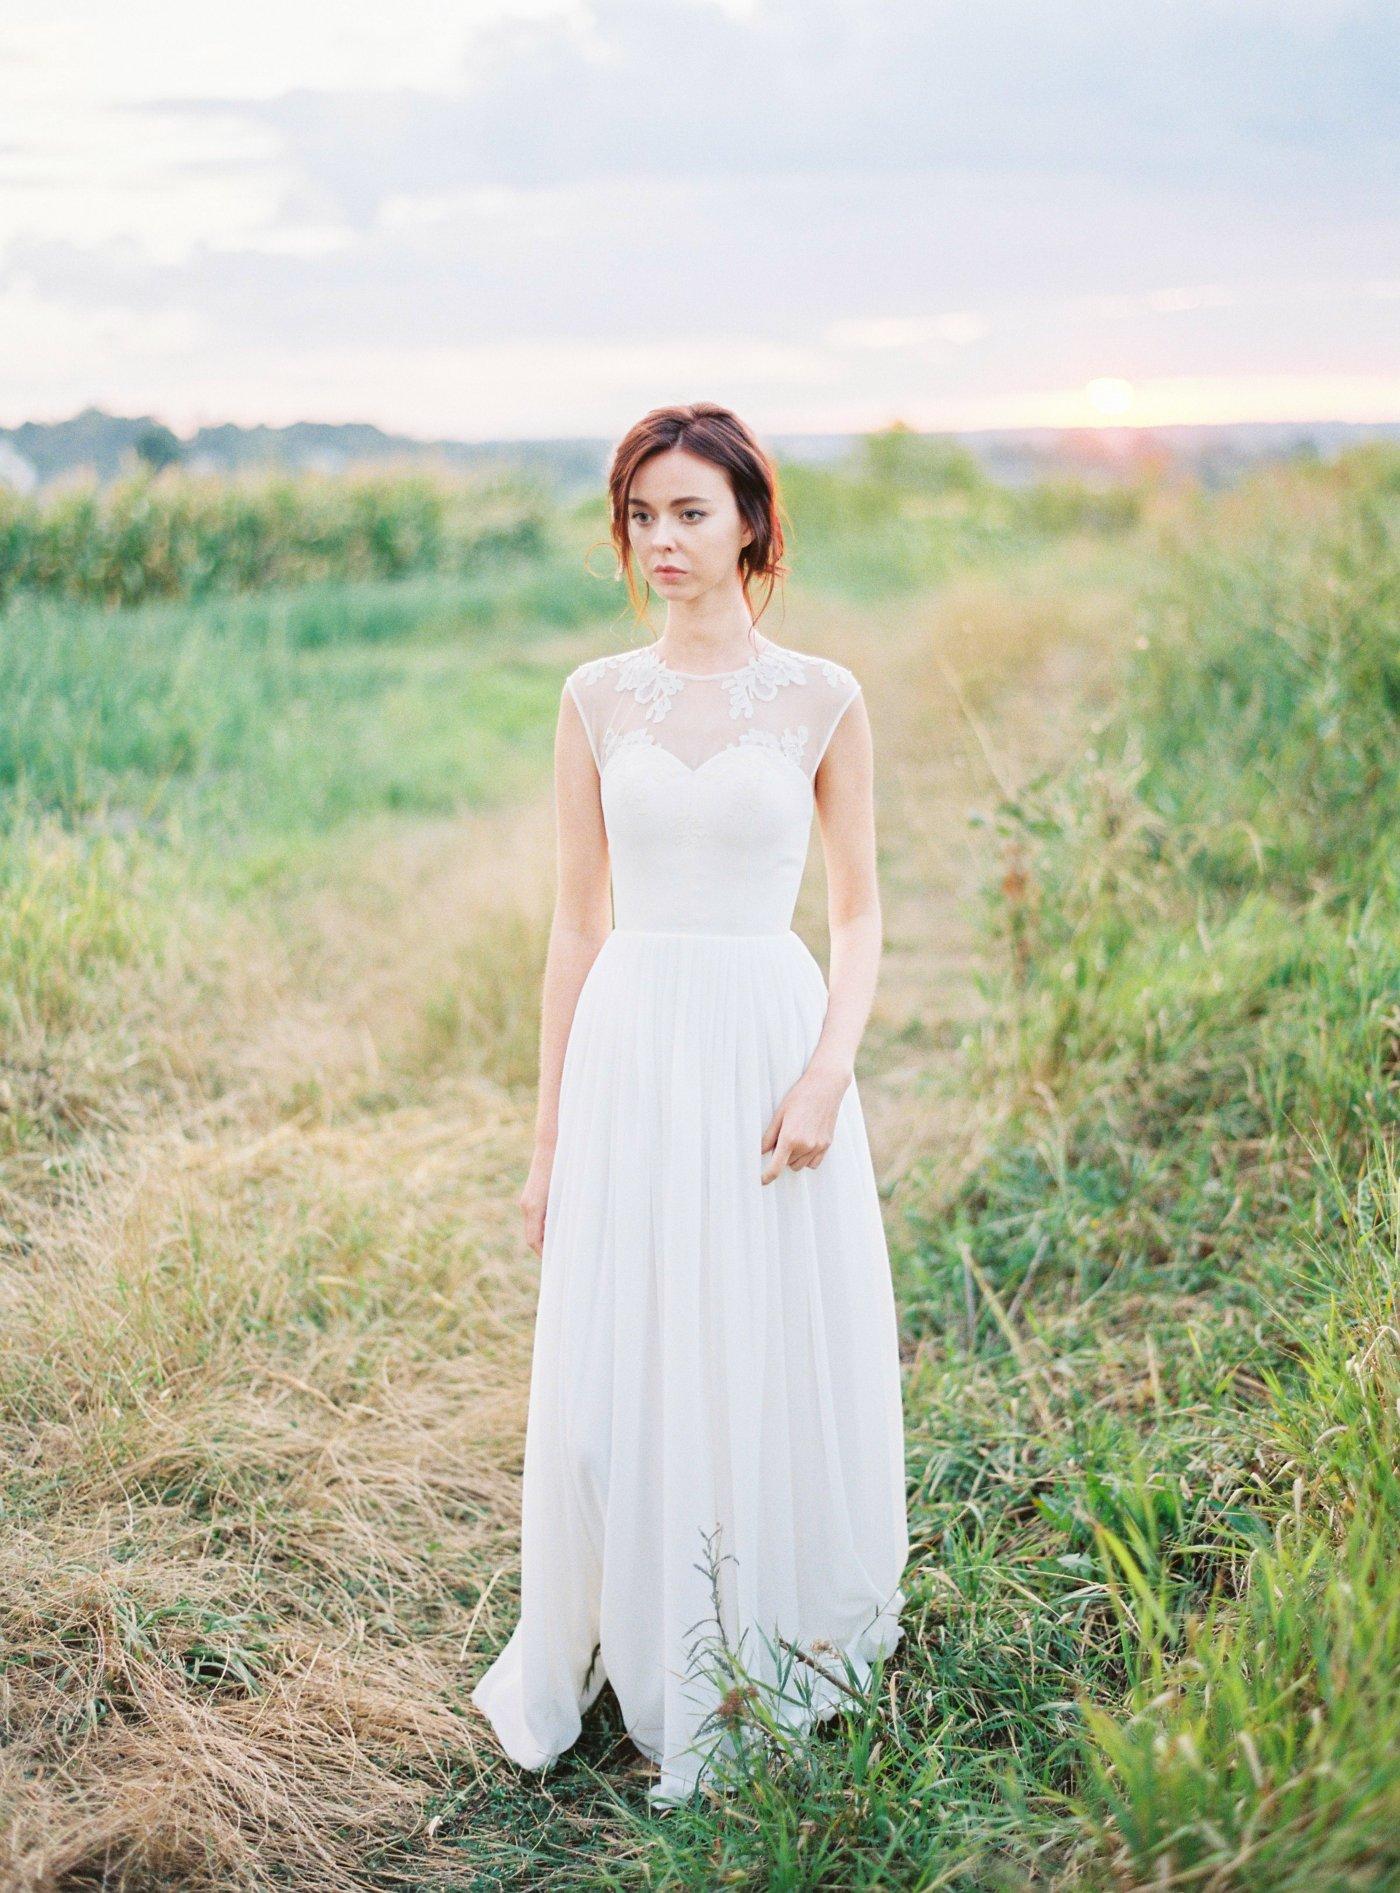 Off-white sleeveless wedding dress with embellished sheer bodice ...